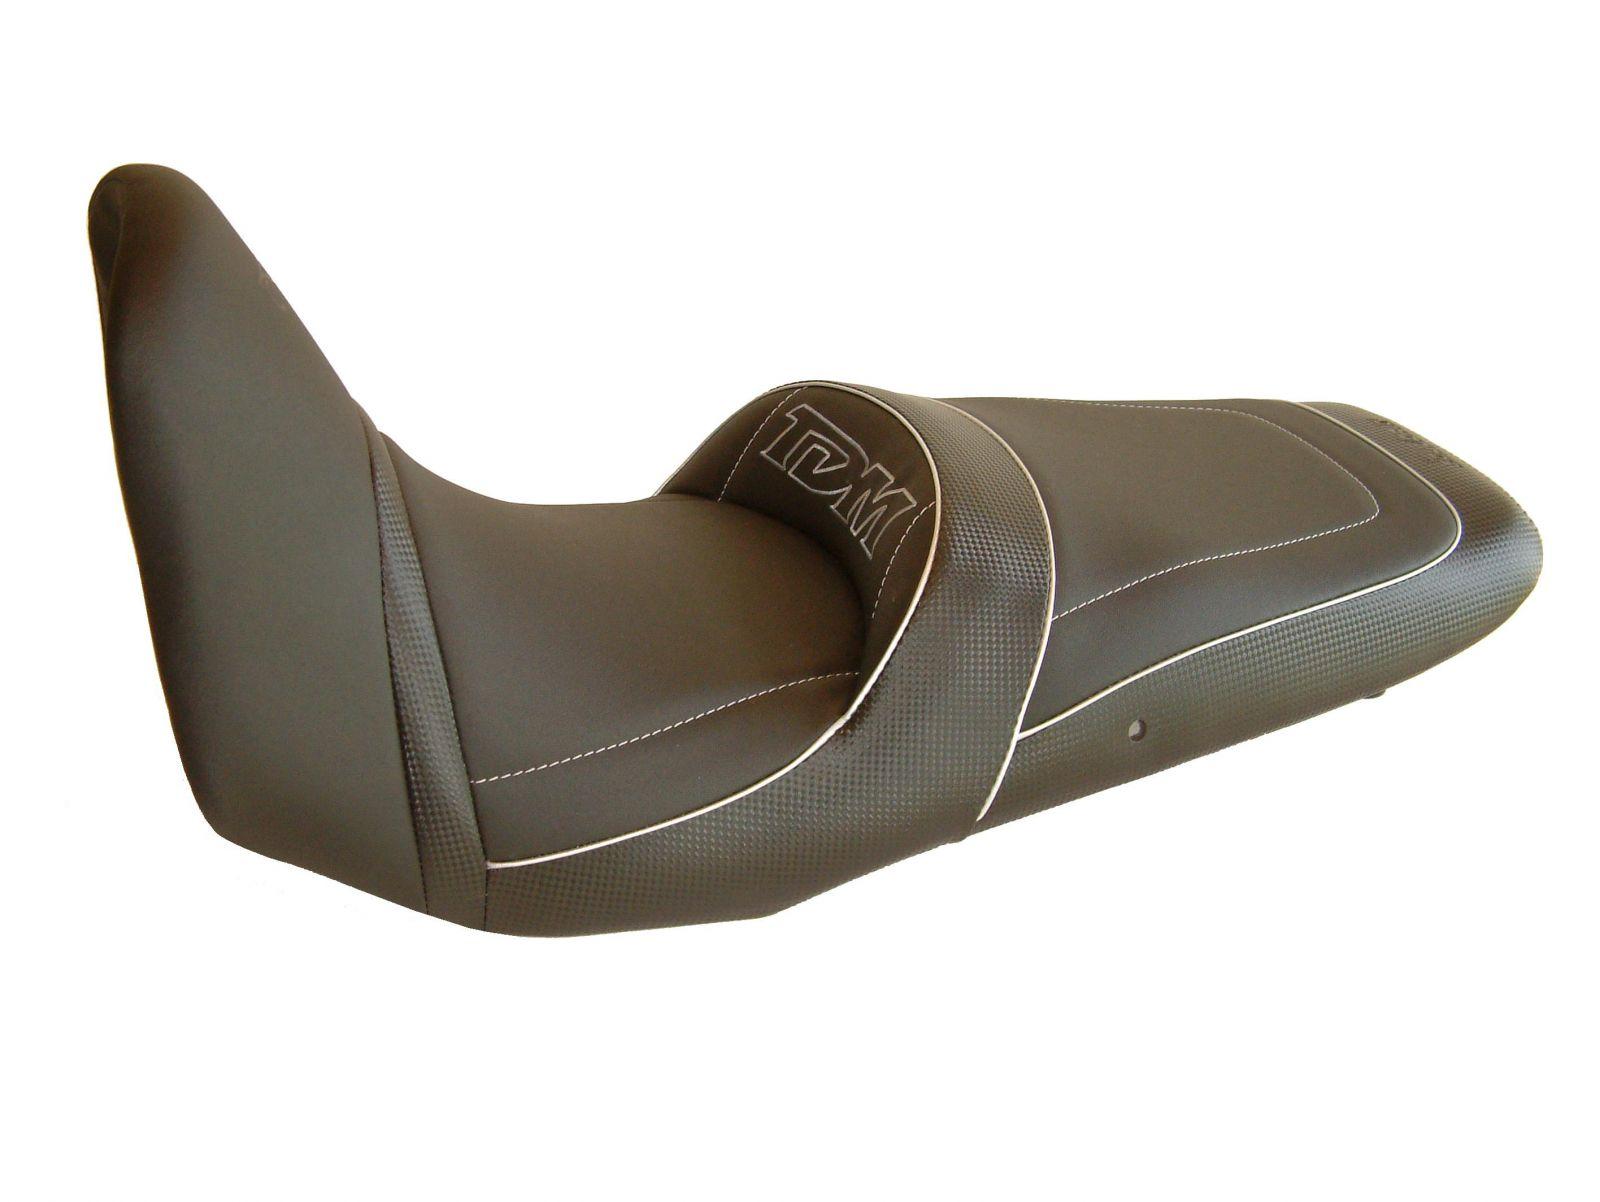 Deluxe seat SGC1468 - YAMAHA TDM 850 [1996-2002]